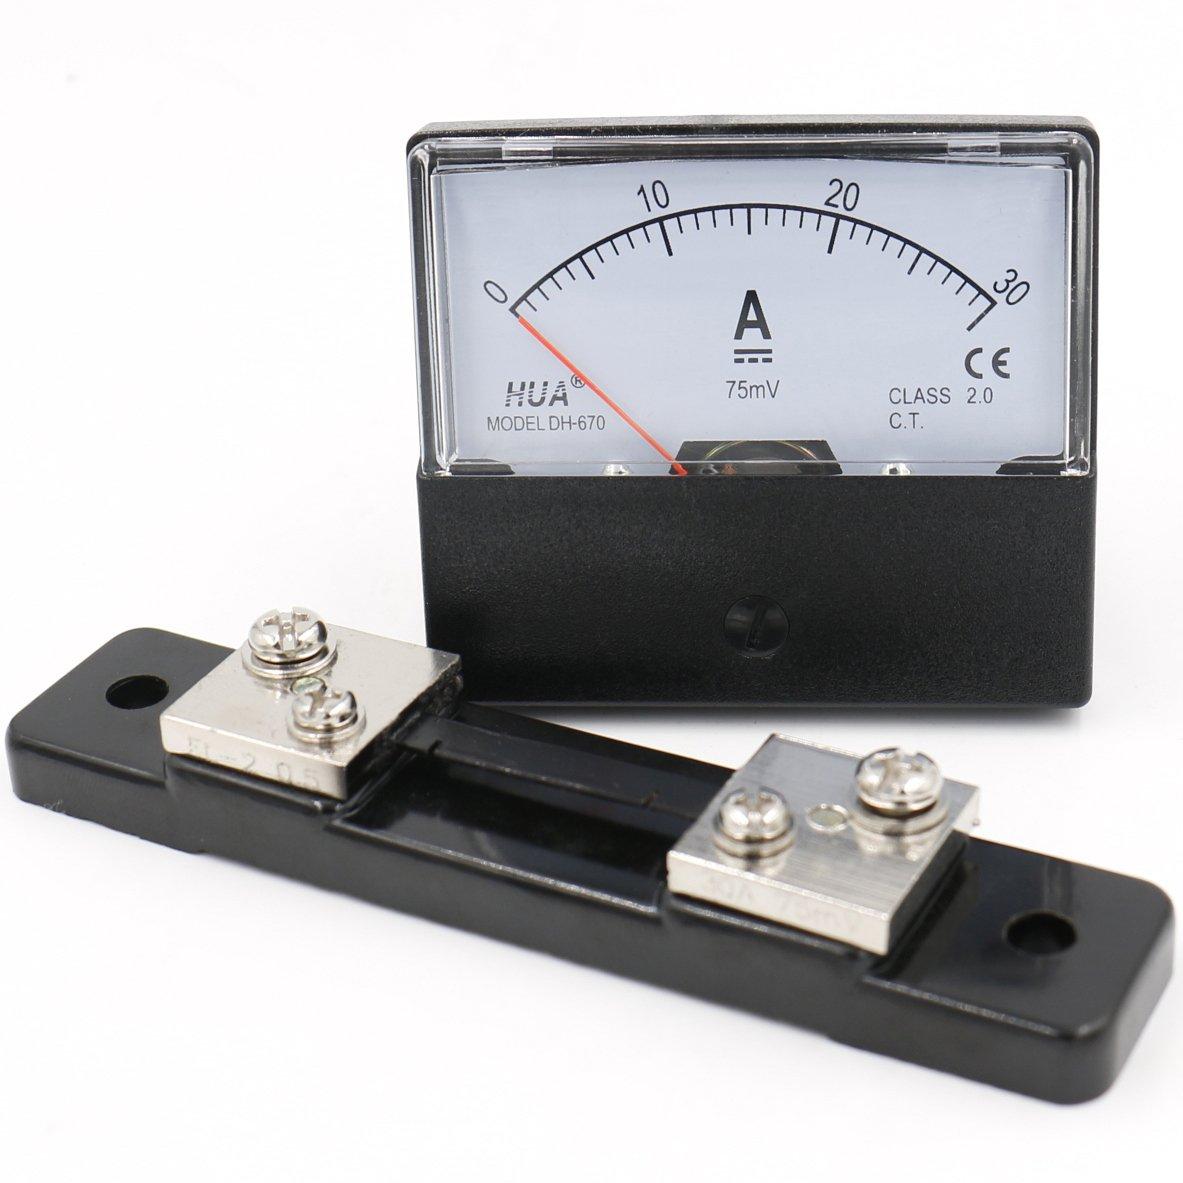 heschen rectá ngulo de panel montado en Contador de corriente amperí metro Tester DH de 670 DC 0 –  30 A clase 2, 0 con Shunt 0con Shunt HUA